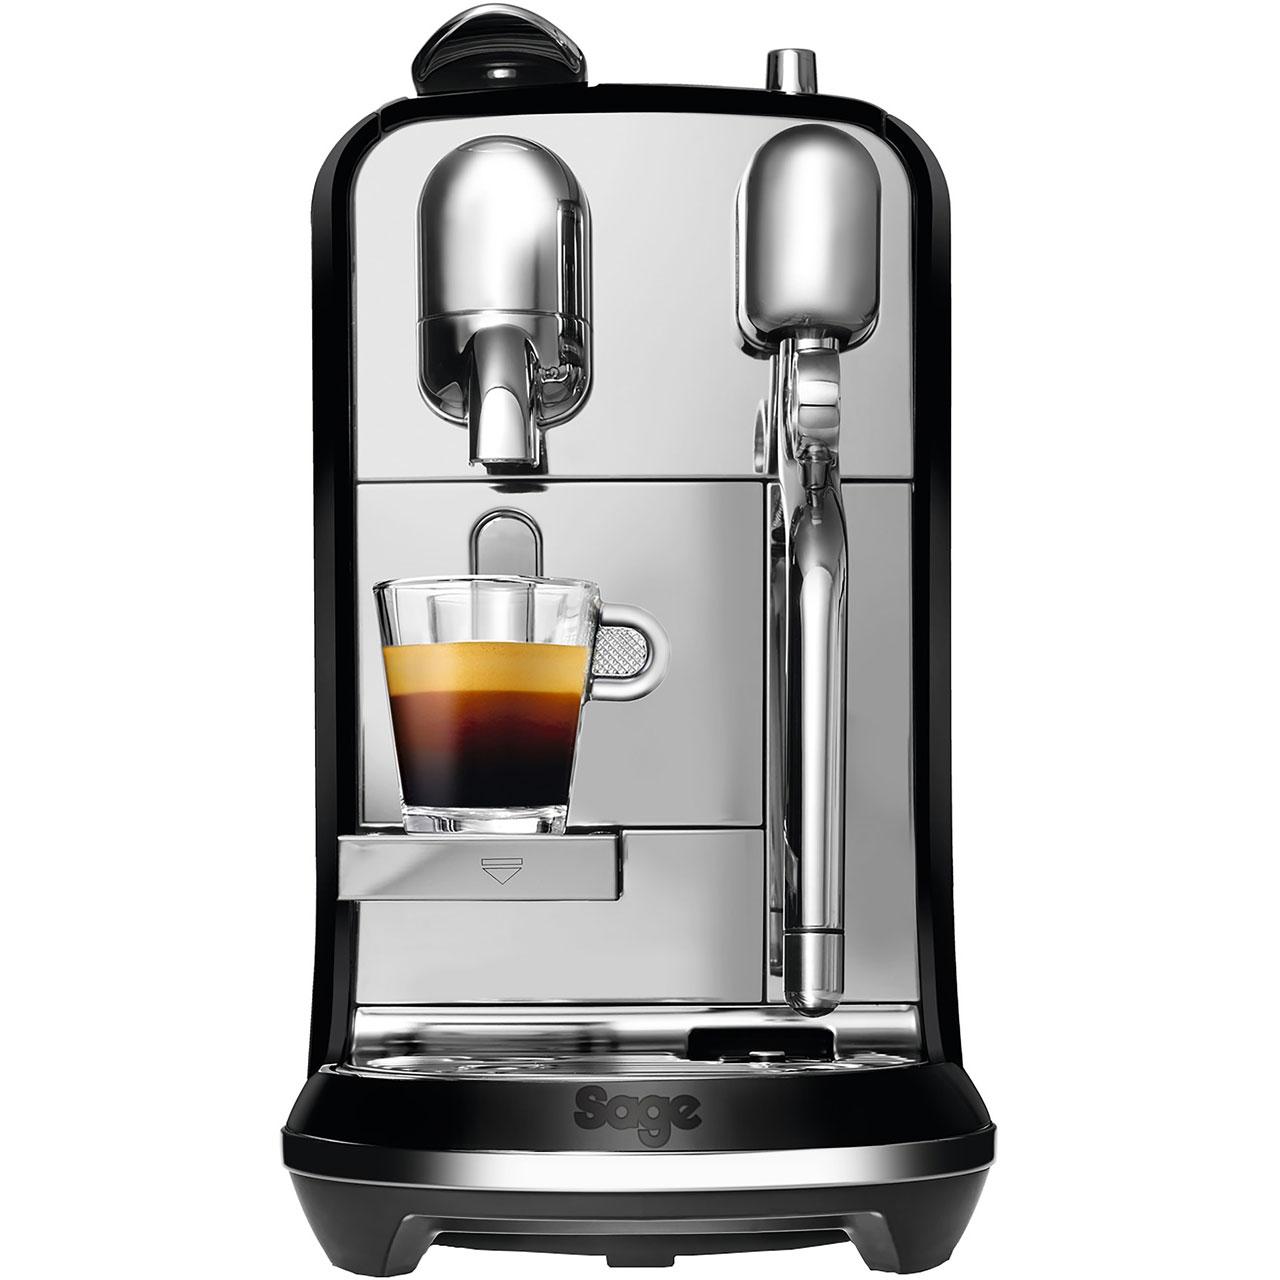 bne600slq_sage_creatista_coffeemachine_01_l.jpg